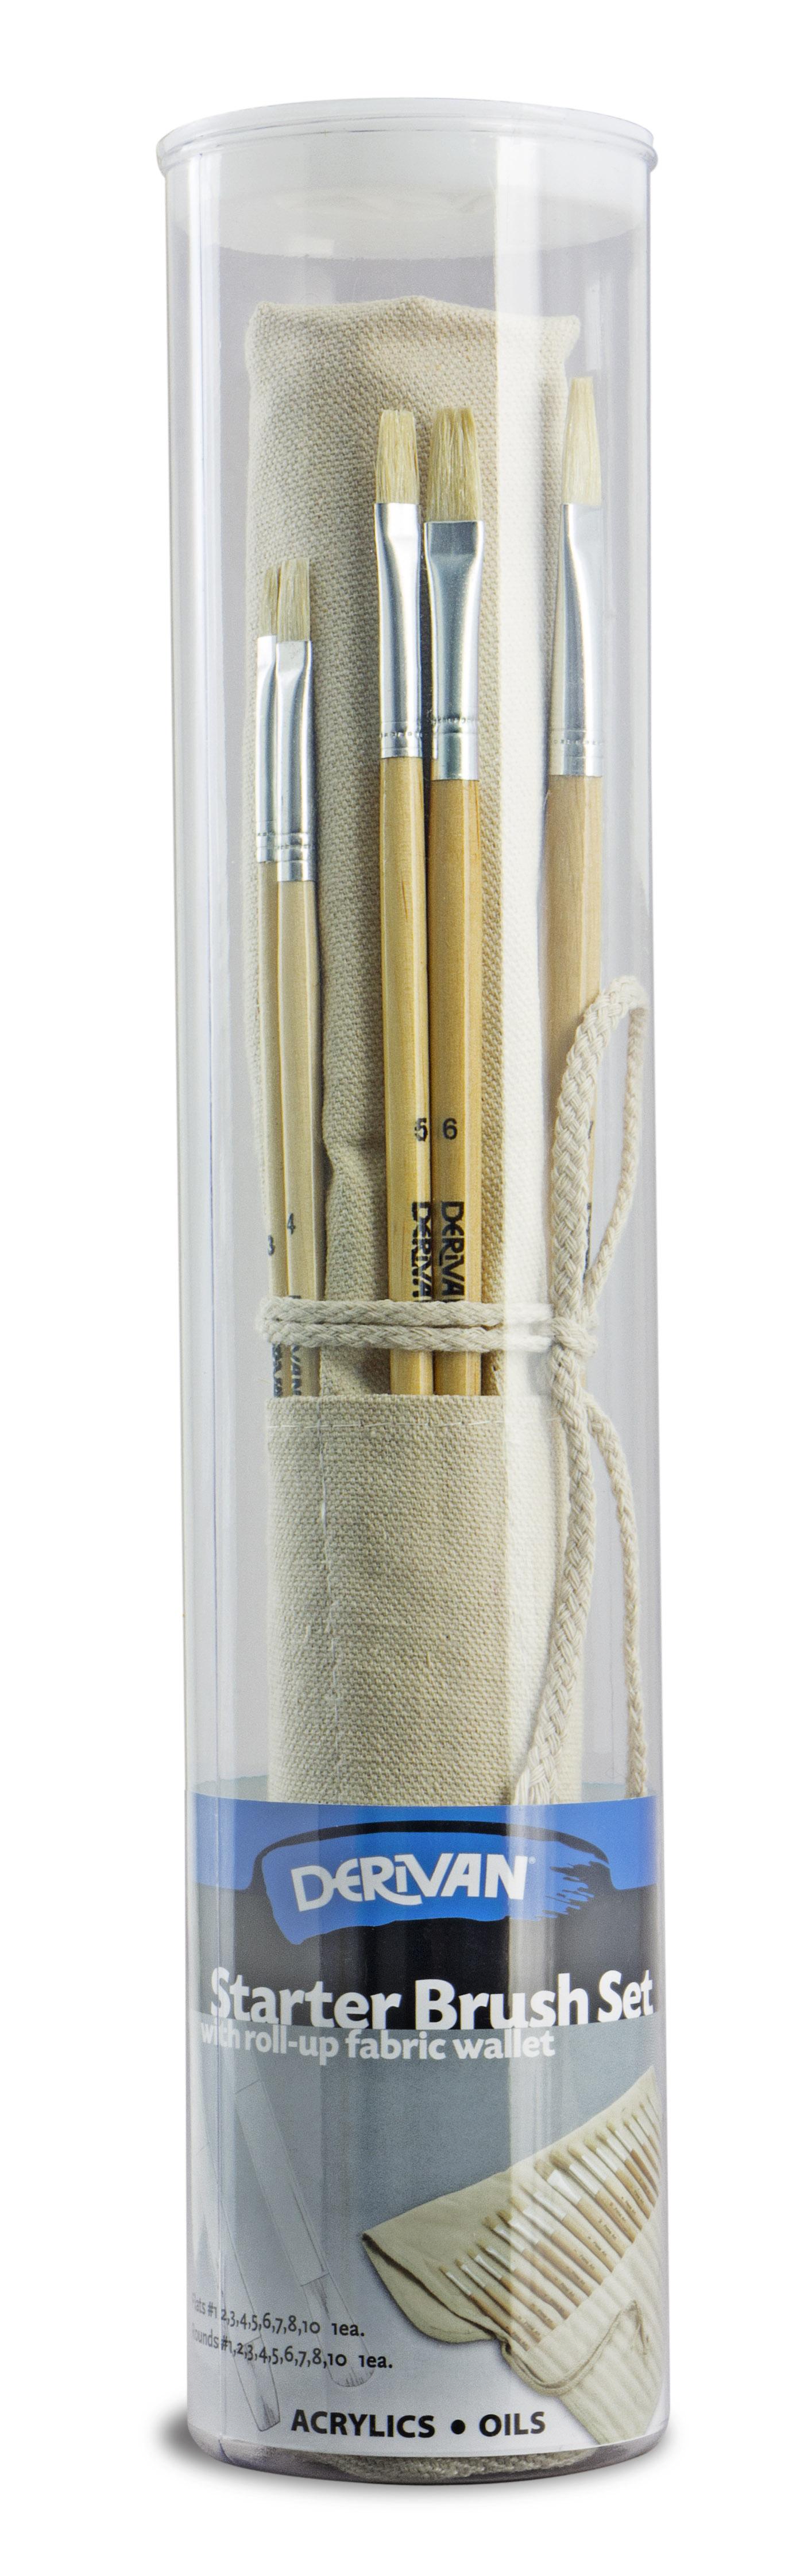 Bristle Brush Wallet Set - 9BS18D